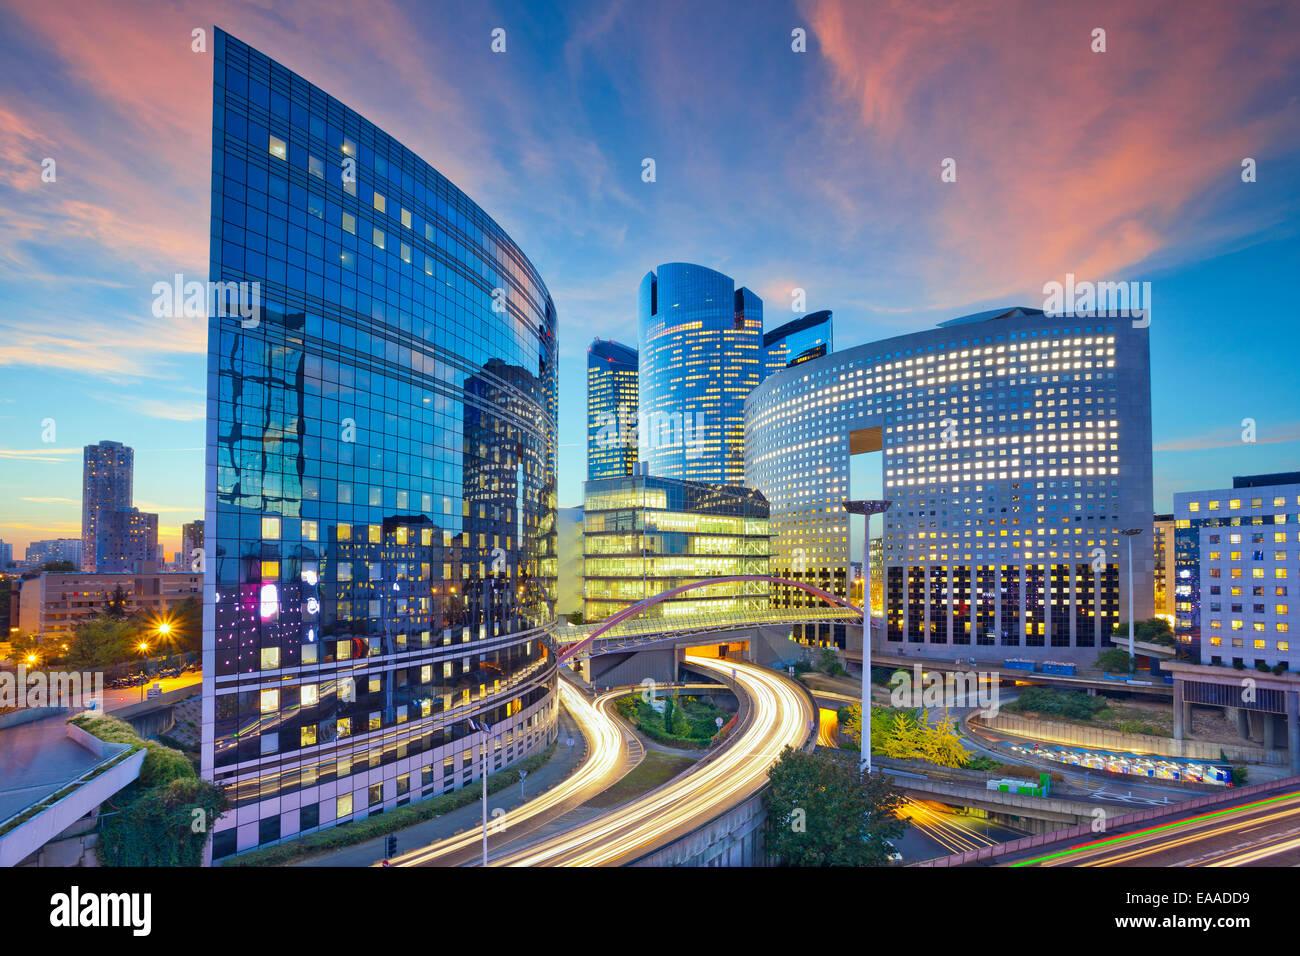 Immagine di edifici per uffici nella parte moderna della Parigi- La Defense durante il tramonto. Immagini Stock